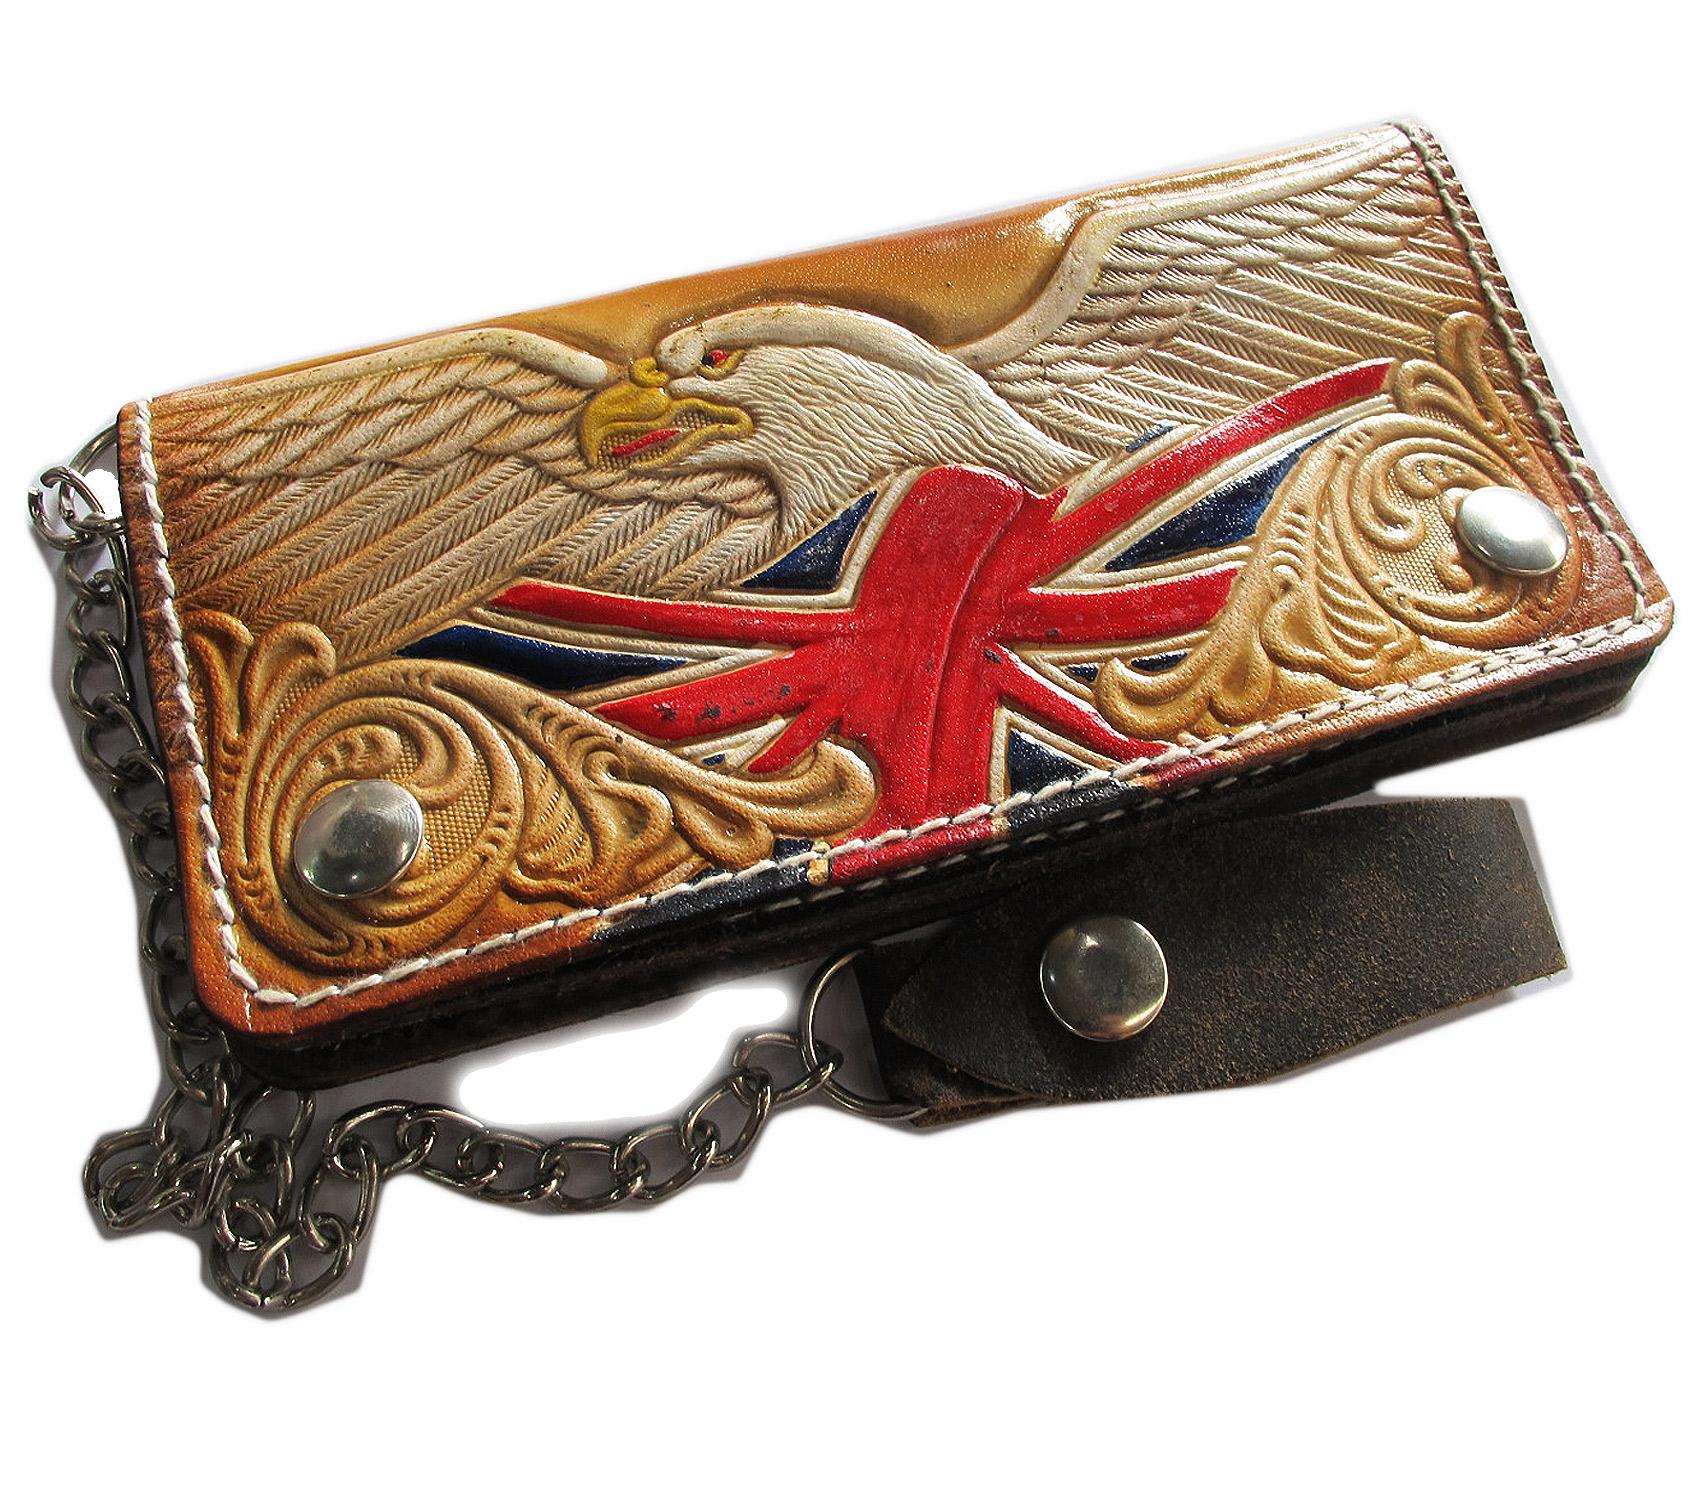 กระเป๋าสตางค์ยาว สีน้ำตาล ลวดลาย นกอินทรีย์ และรูปธงชาติอังกฤษ แบบ 2 พับ พร้อมโซ่